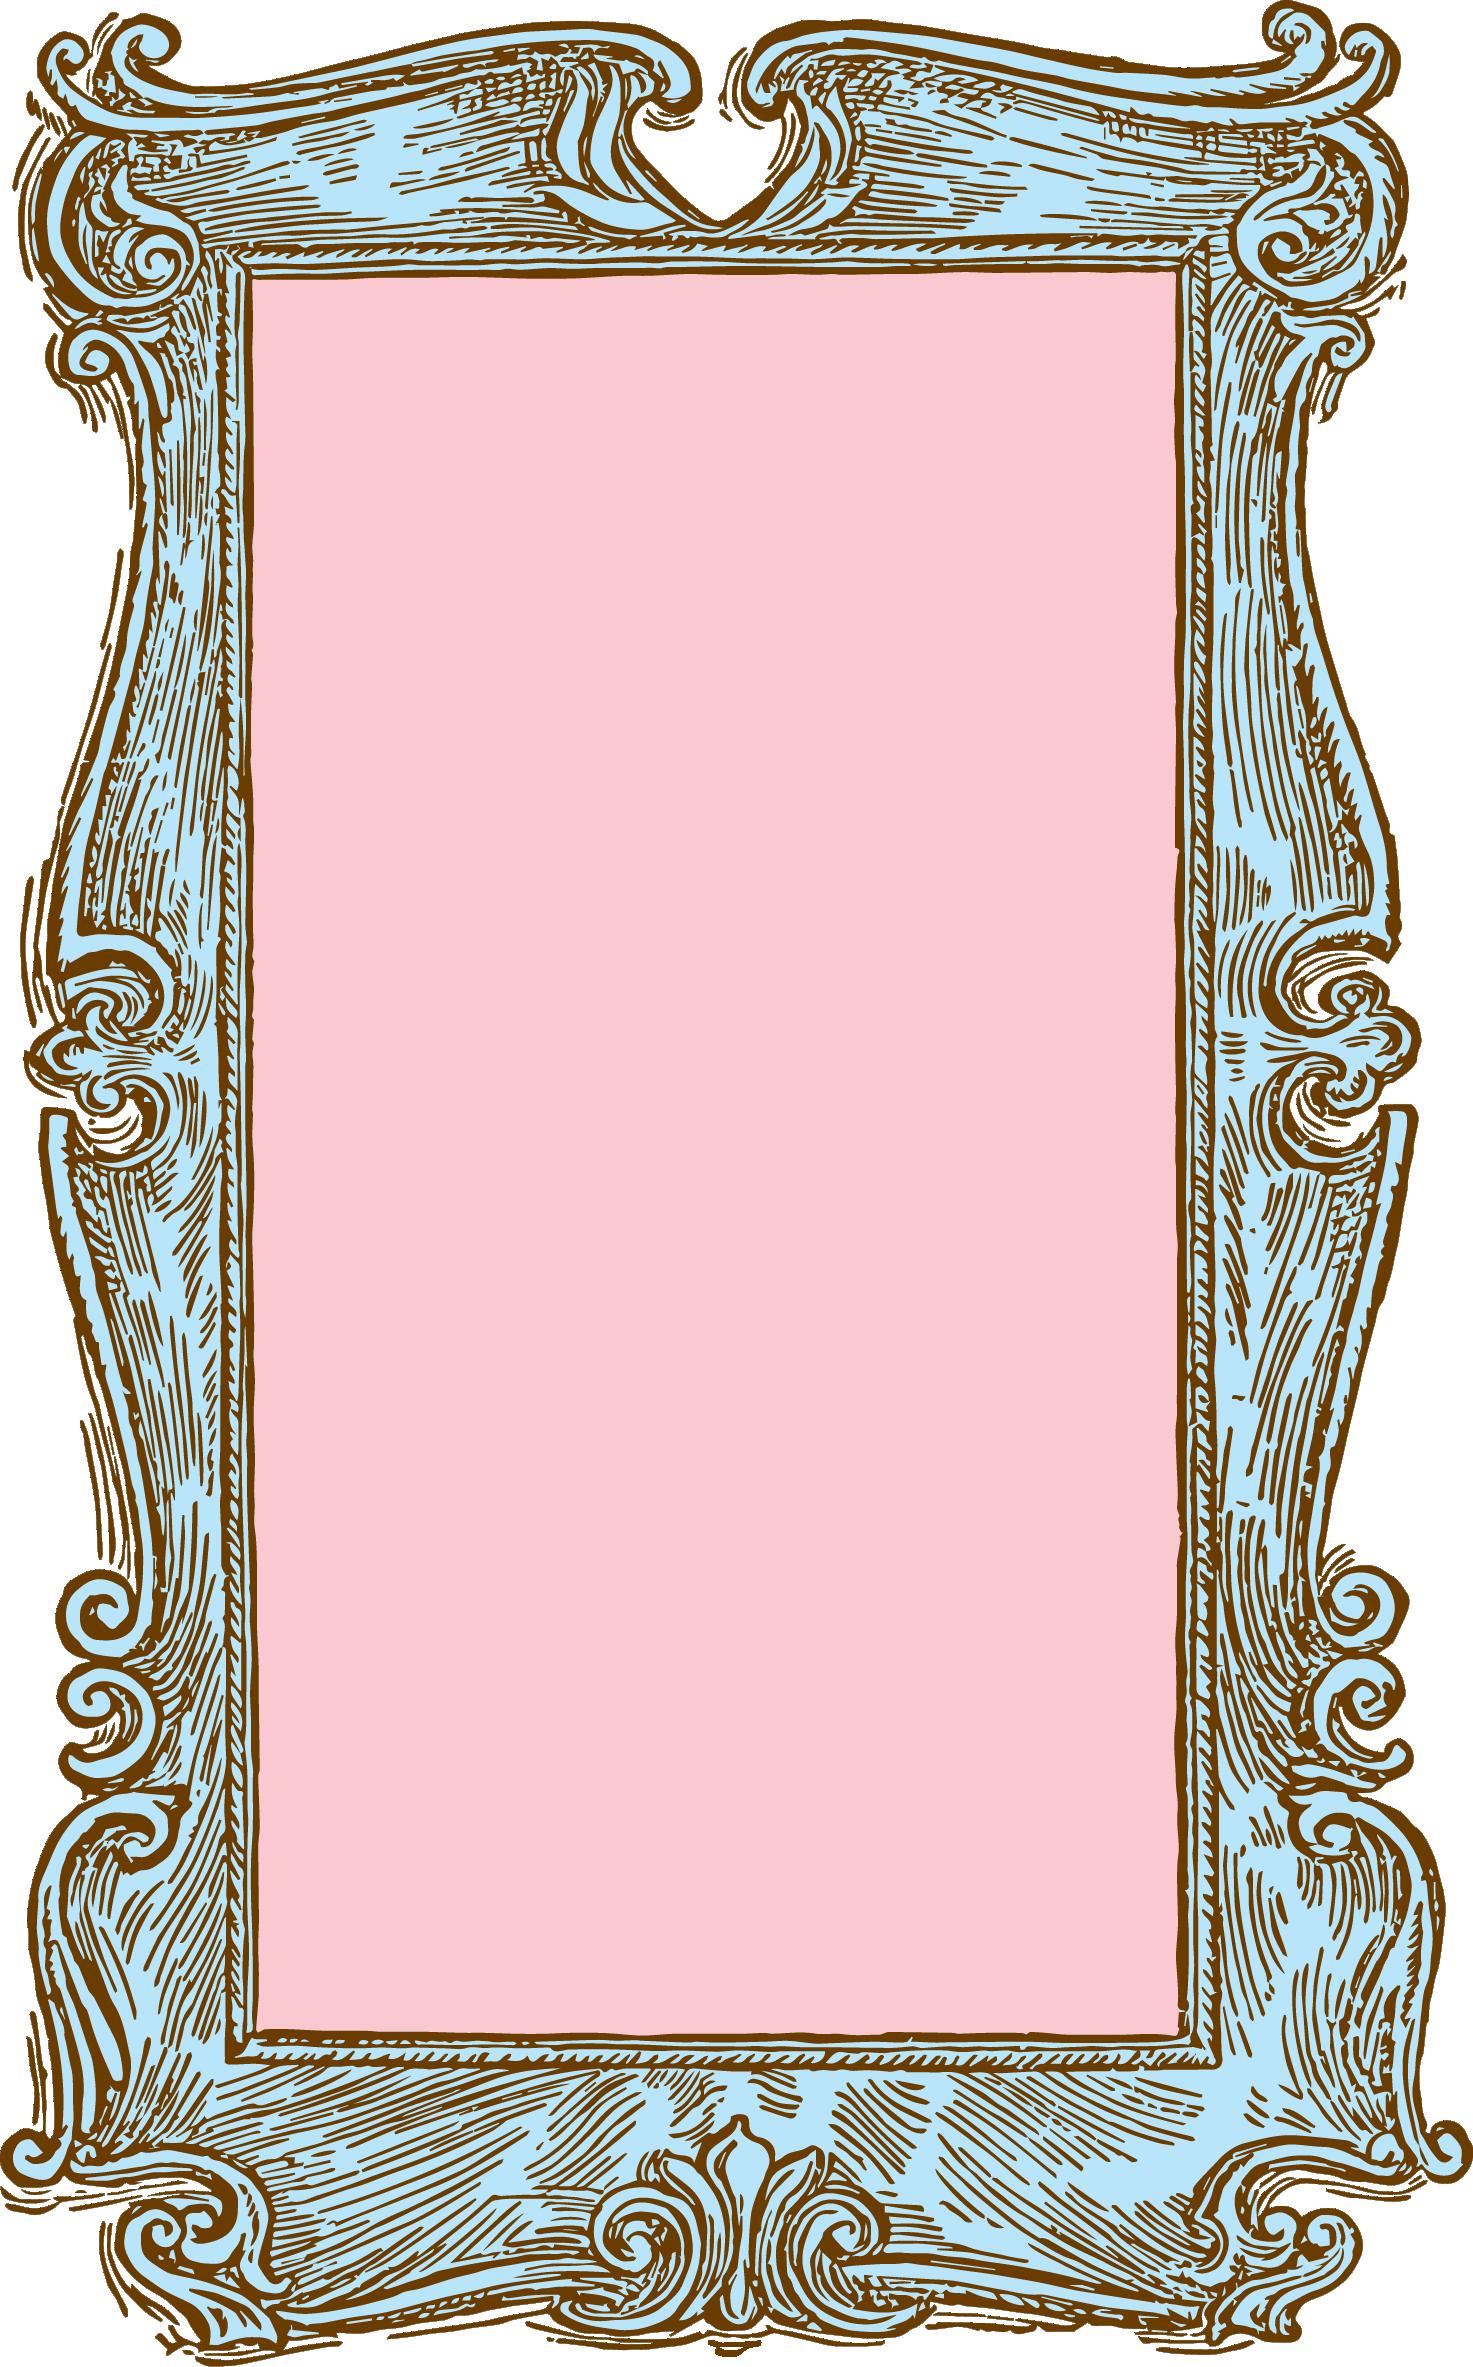 Chalk Transparent Border: Vintage Frame Clipart Free